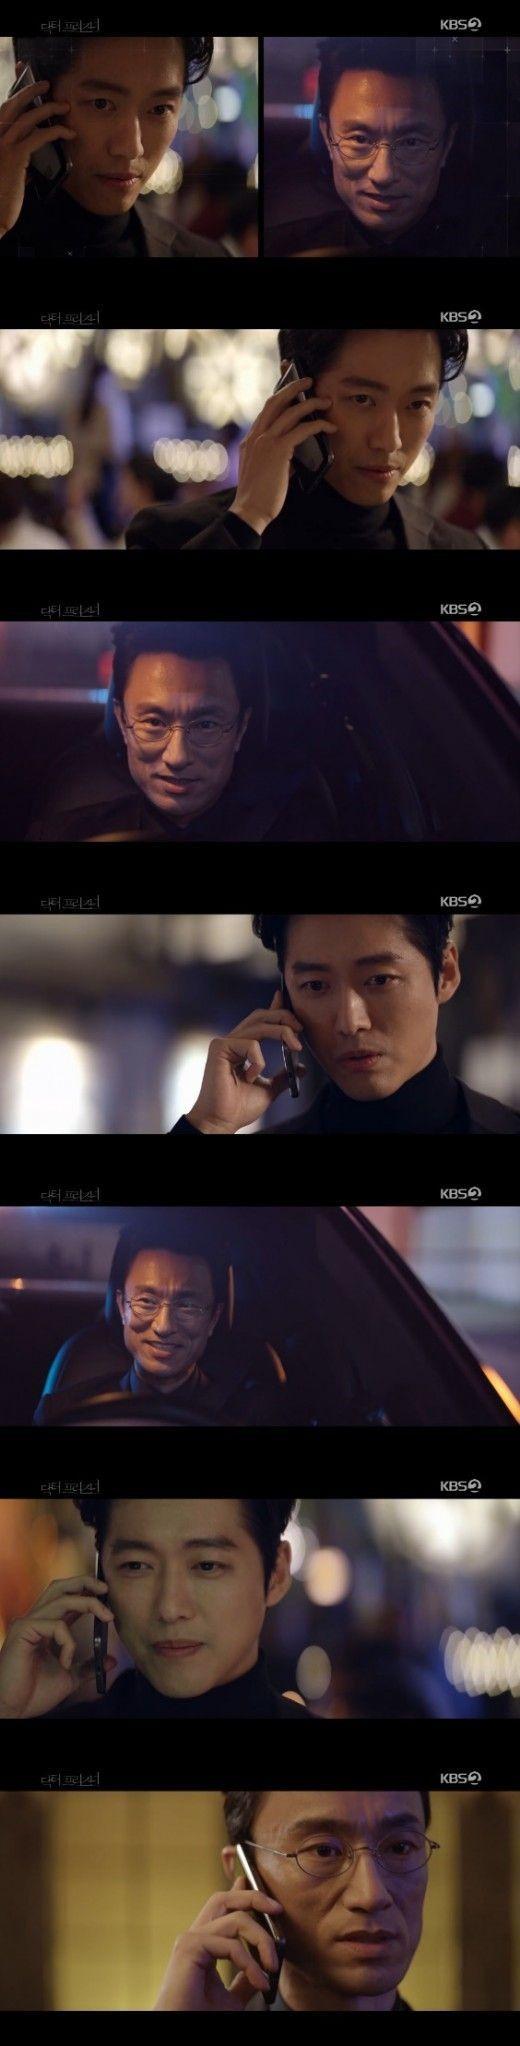 남궁민과 김병철의 만남이 그려졌다/사진=KBS2 '닥터 프리즈너' 화면 캡처